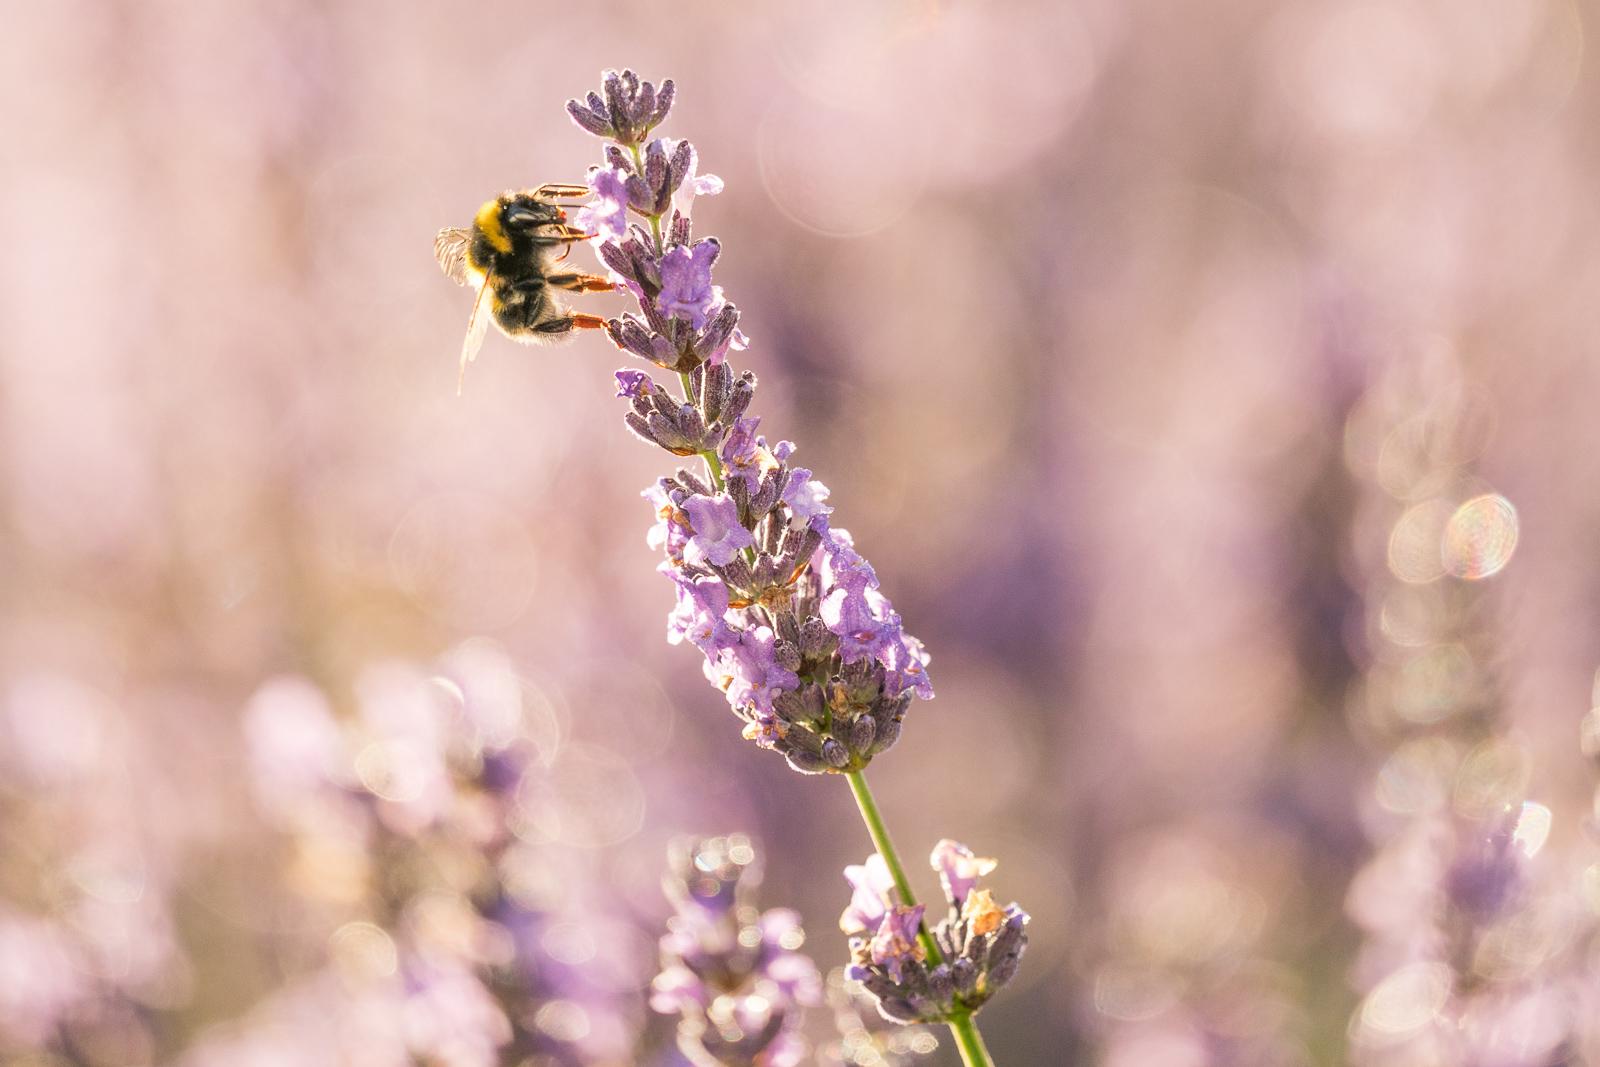 Bee on lavender, Alphra Lavender Waikato NZ 300mm lens